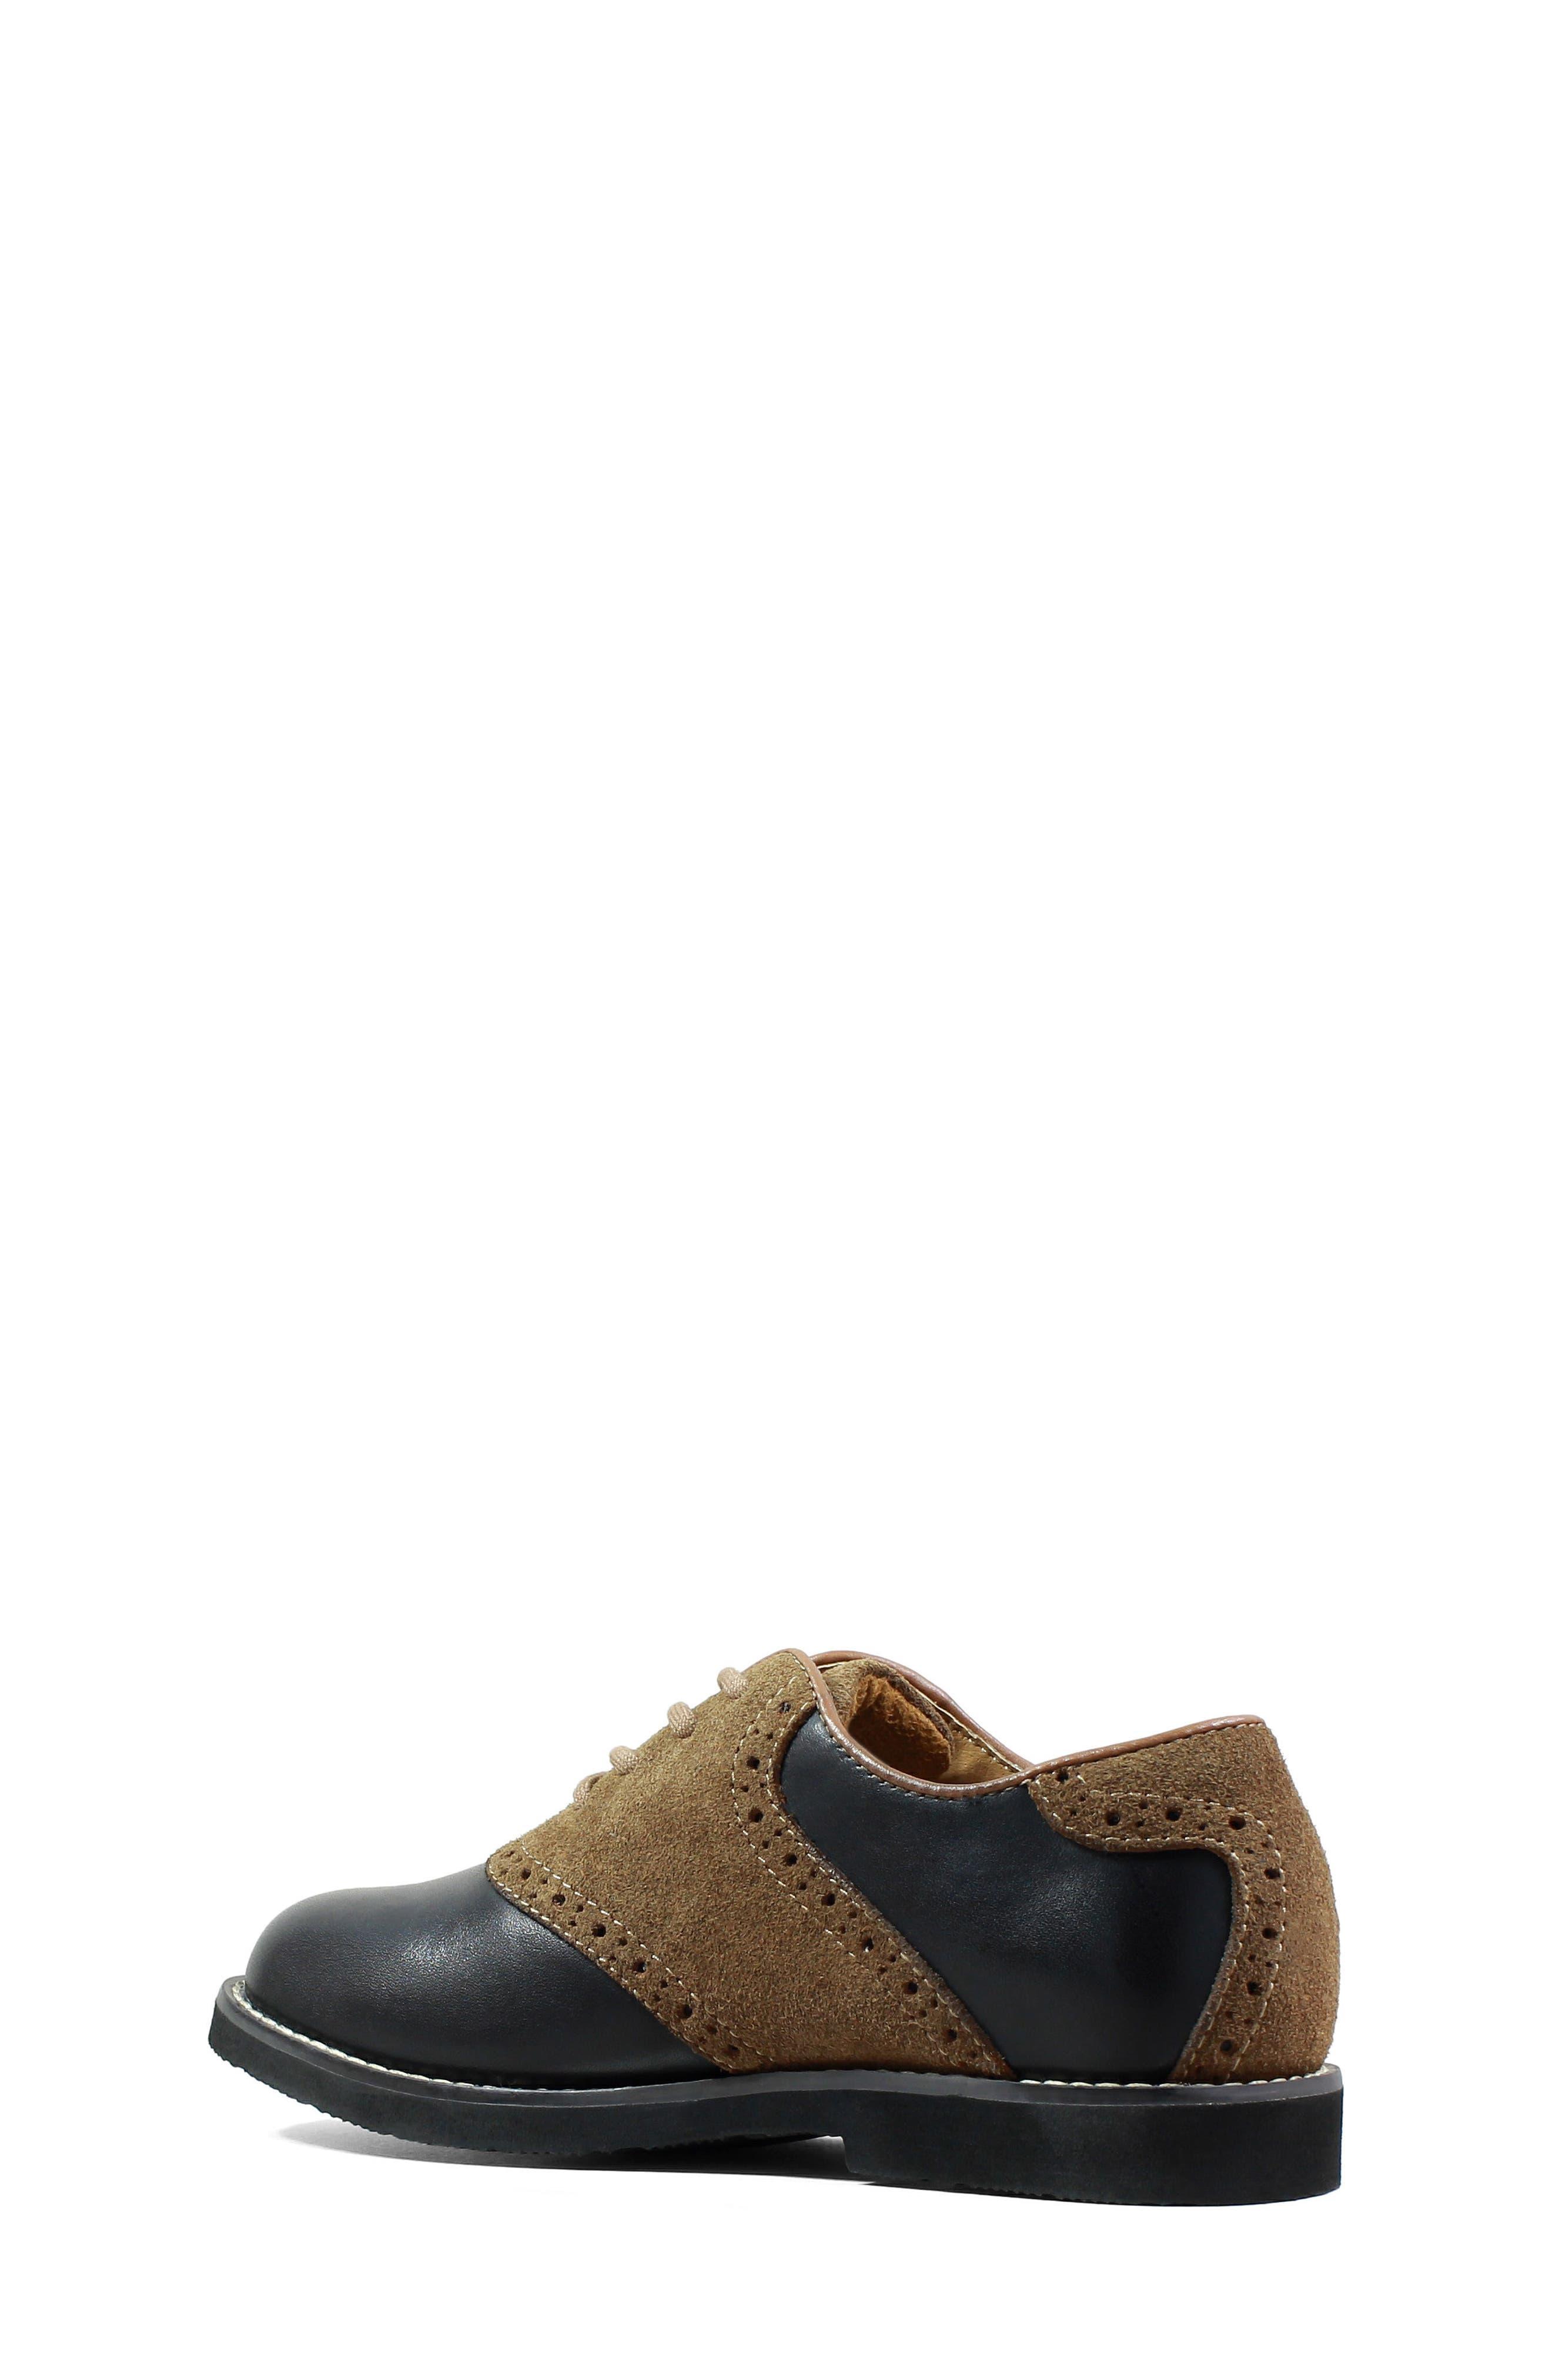 FLORSHEIM 'Kennett Jr. II' Saddle Shoe, Main, color, SMOOTH BLACK W/ MOCHA SUEDE